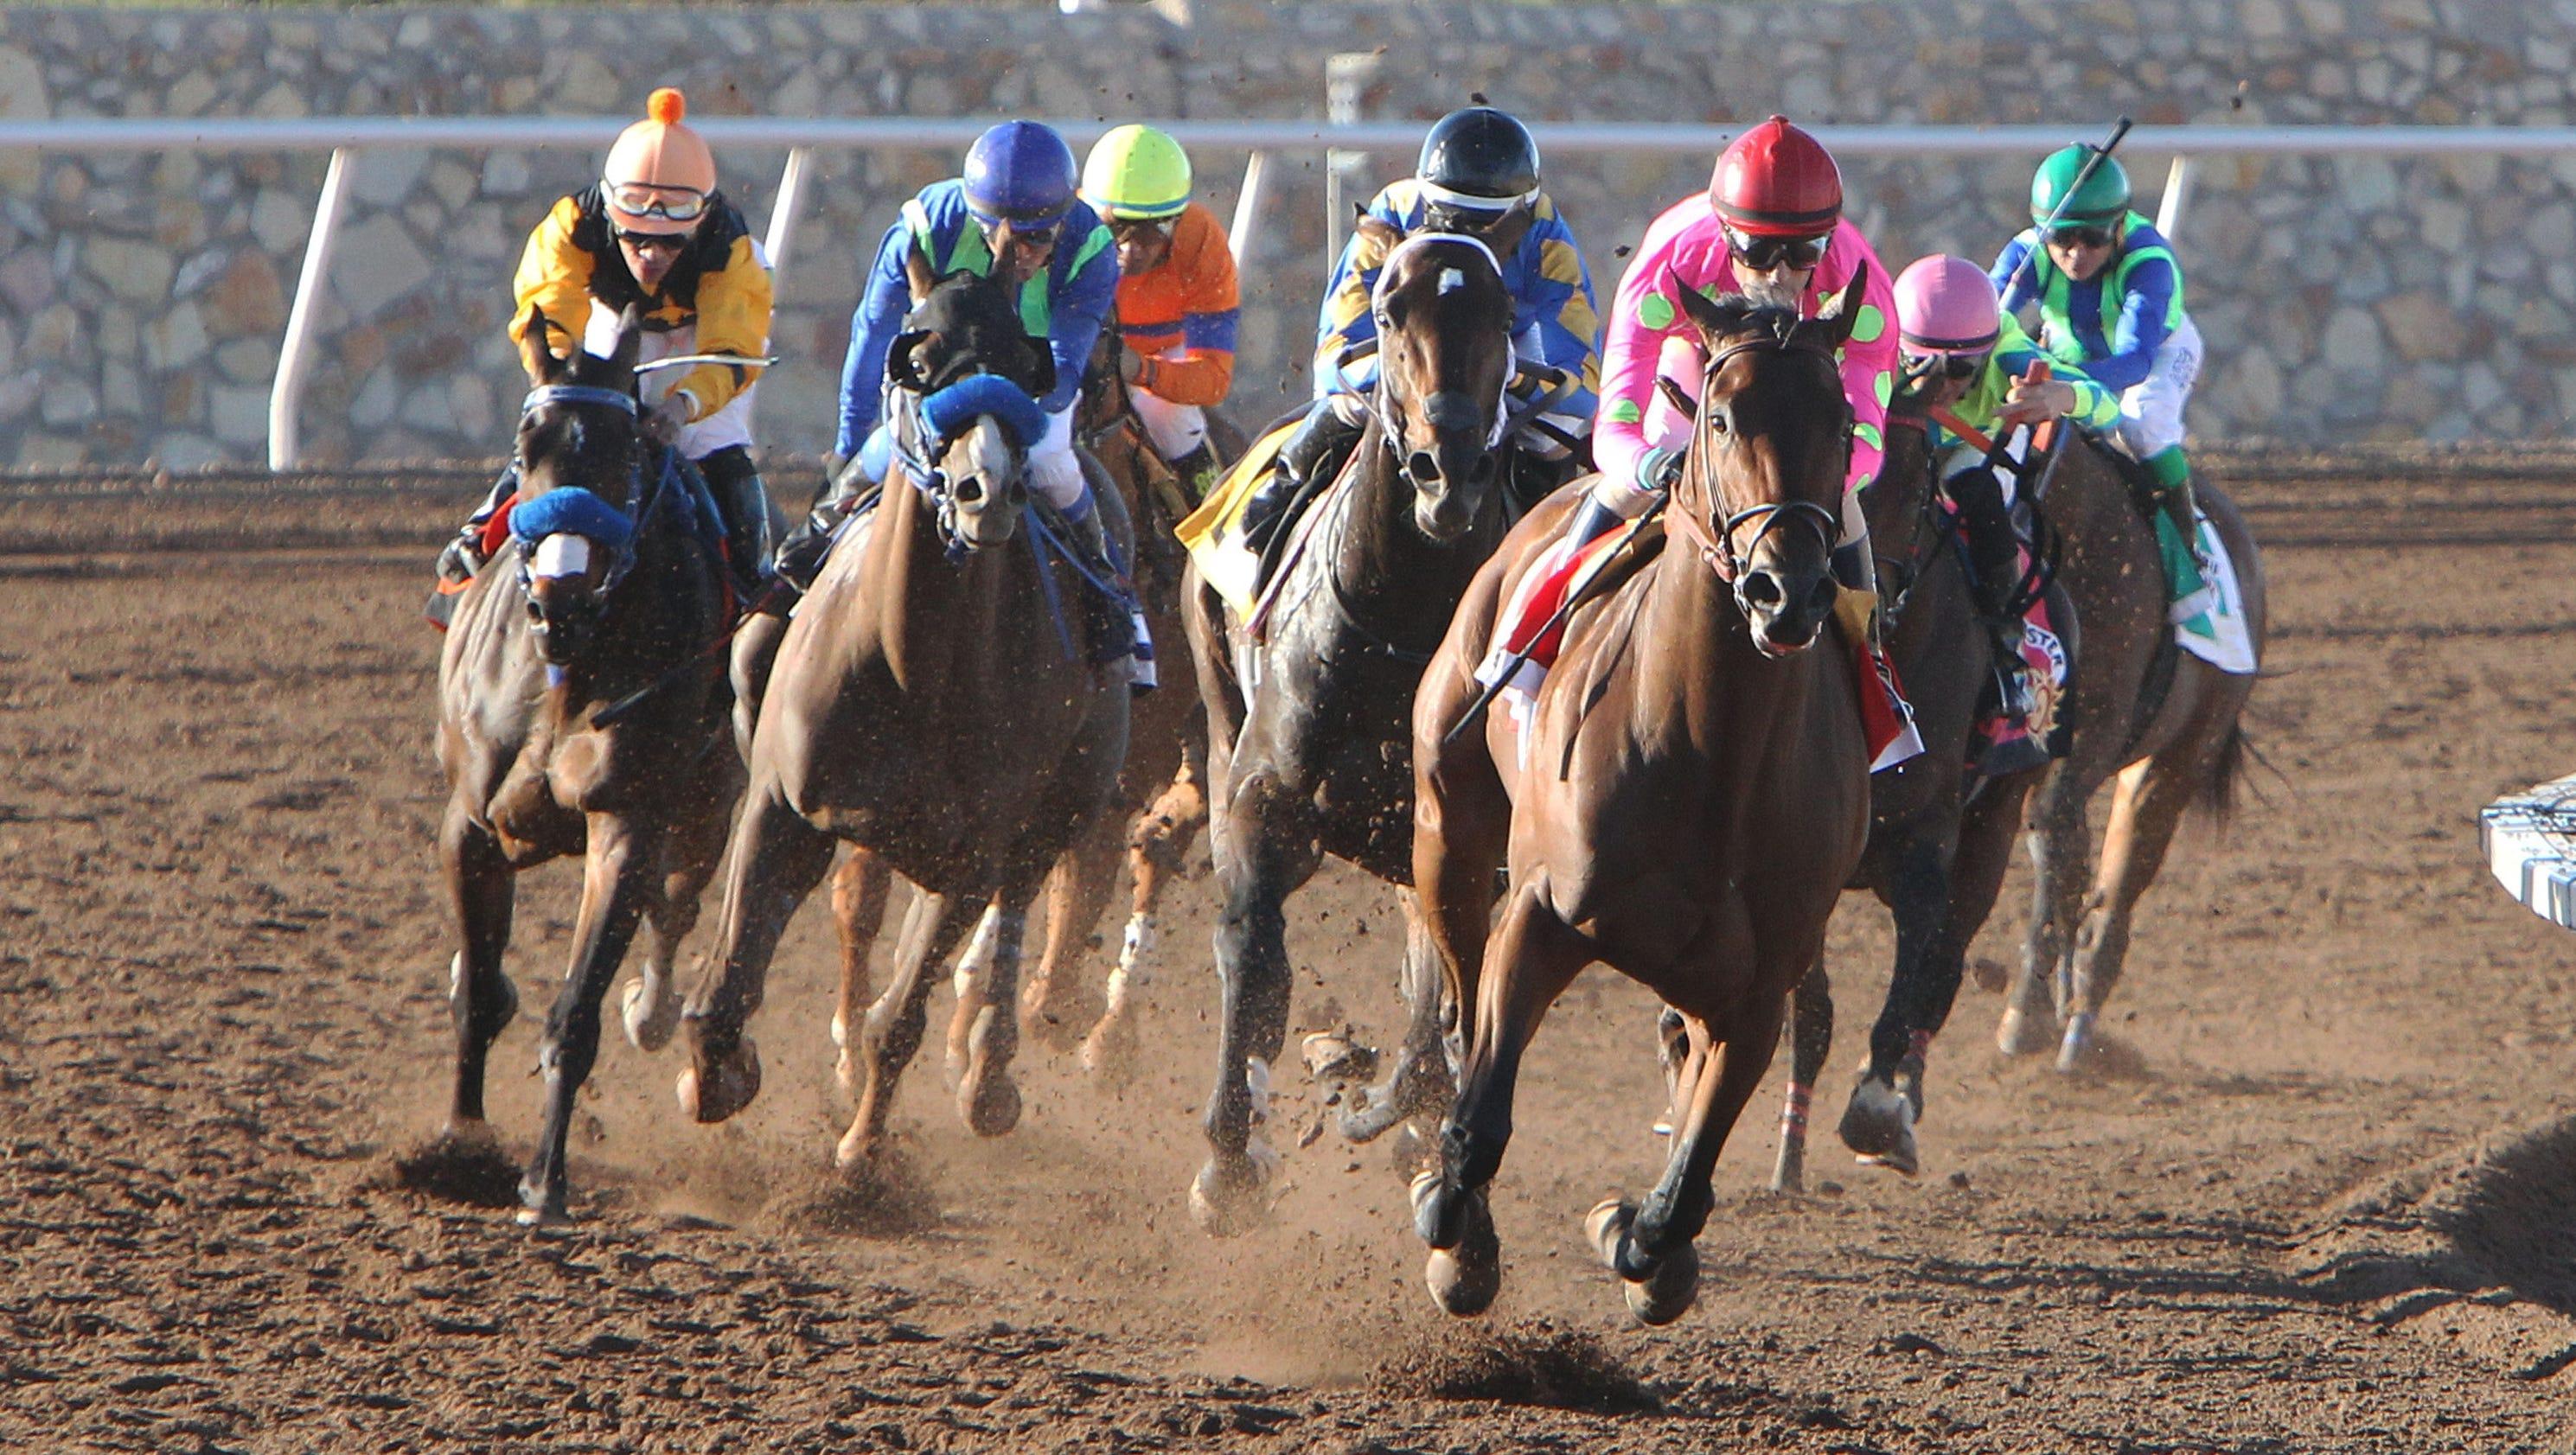 Route du Kentucky Derby/Kentucky oaks 2015 - Page 2 635626648686810796-Firing-Line---The-Sunland-Park-Derby---13th-Running---03-22-15---R11---SUN---Turn-